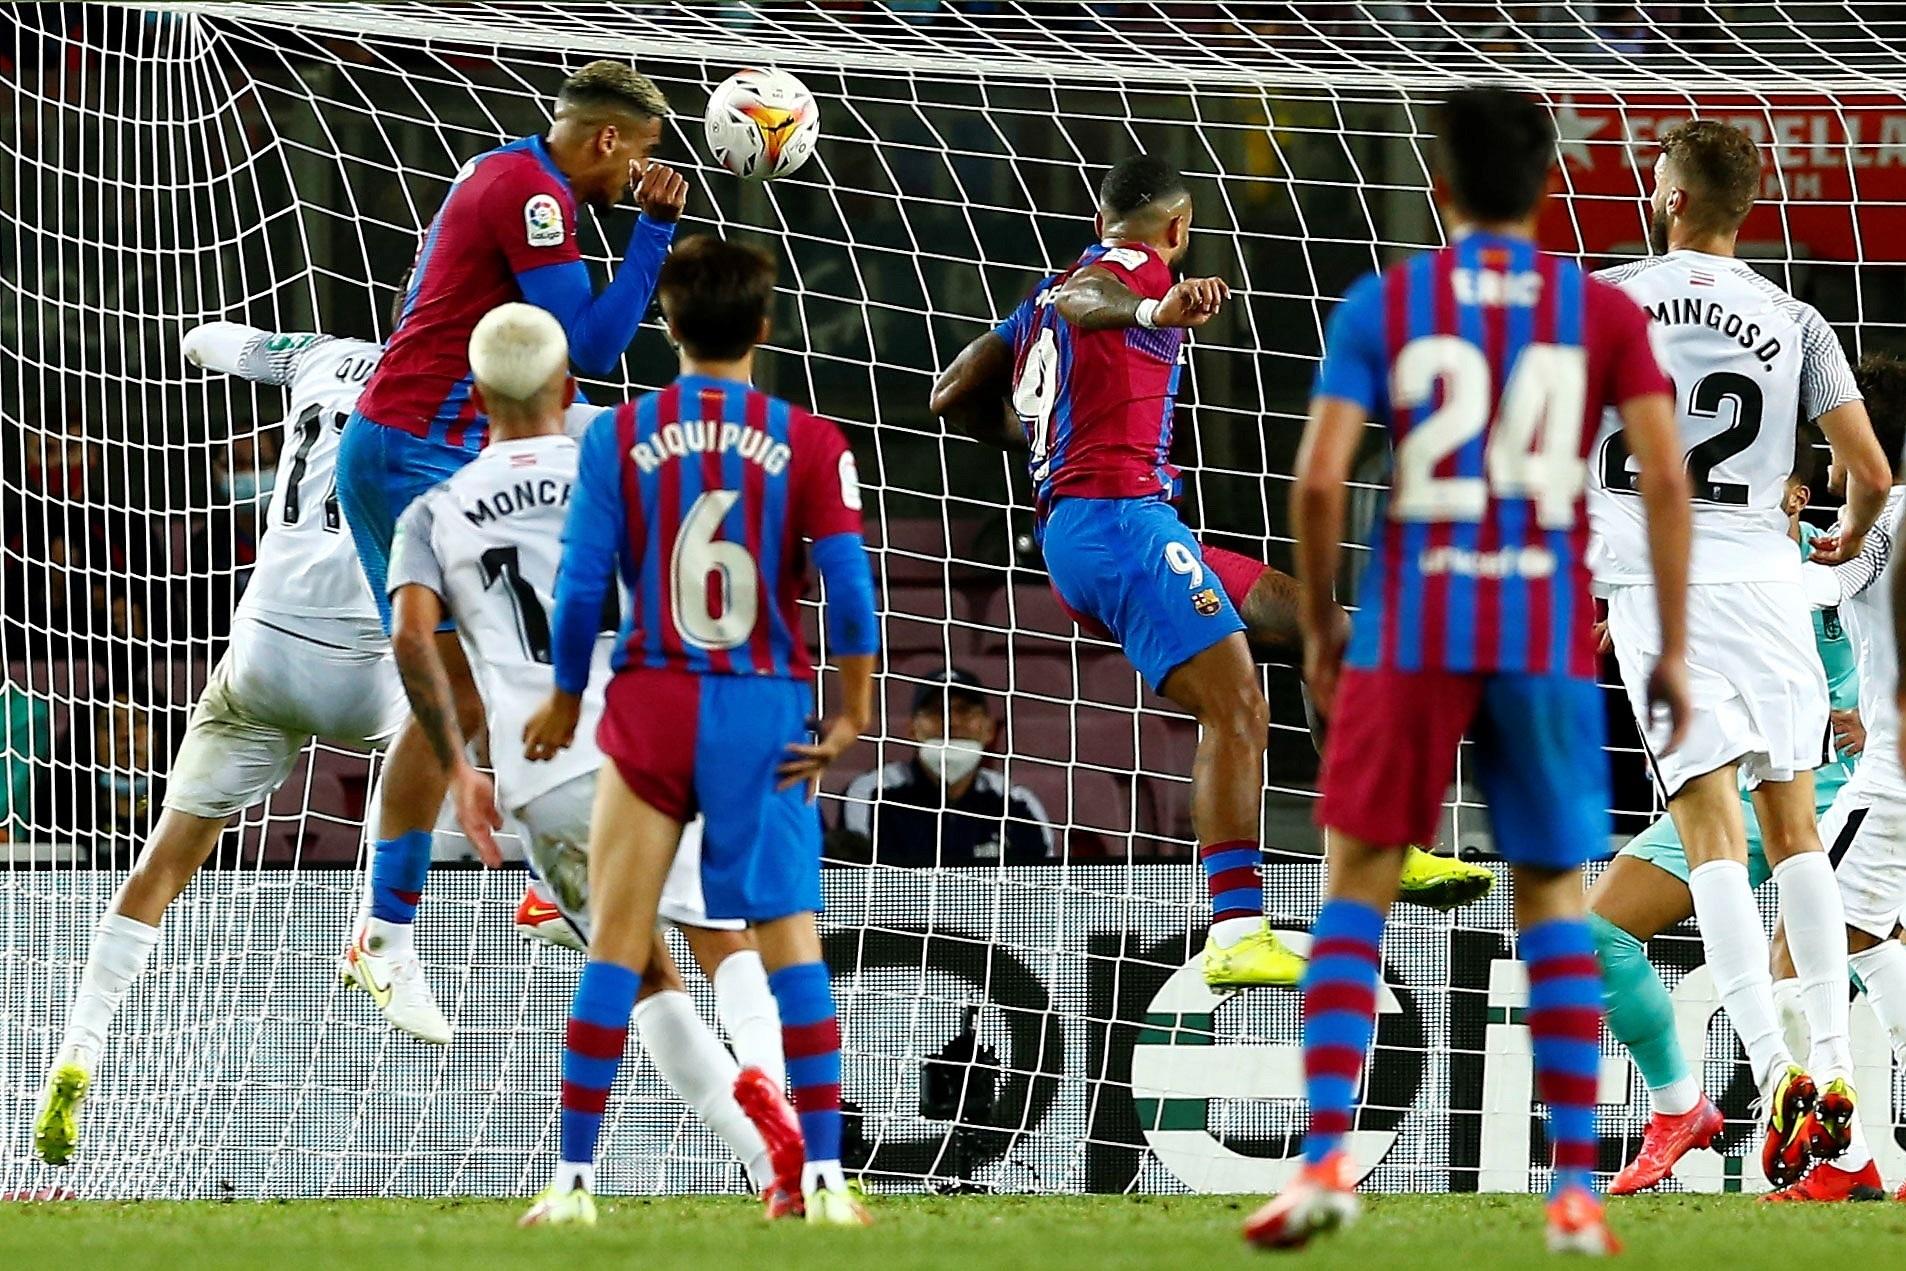 El cabezazo de Araújo que salvó el empate en el Camp Nou.